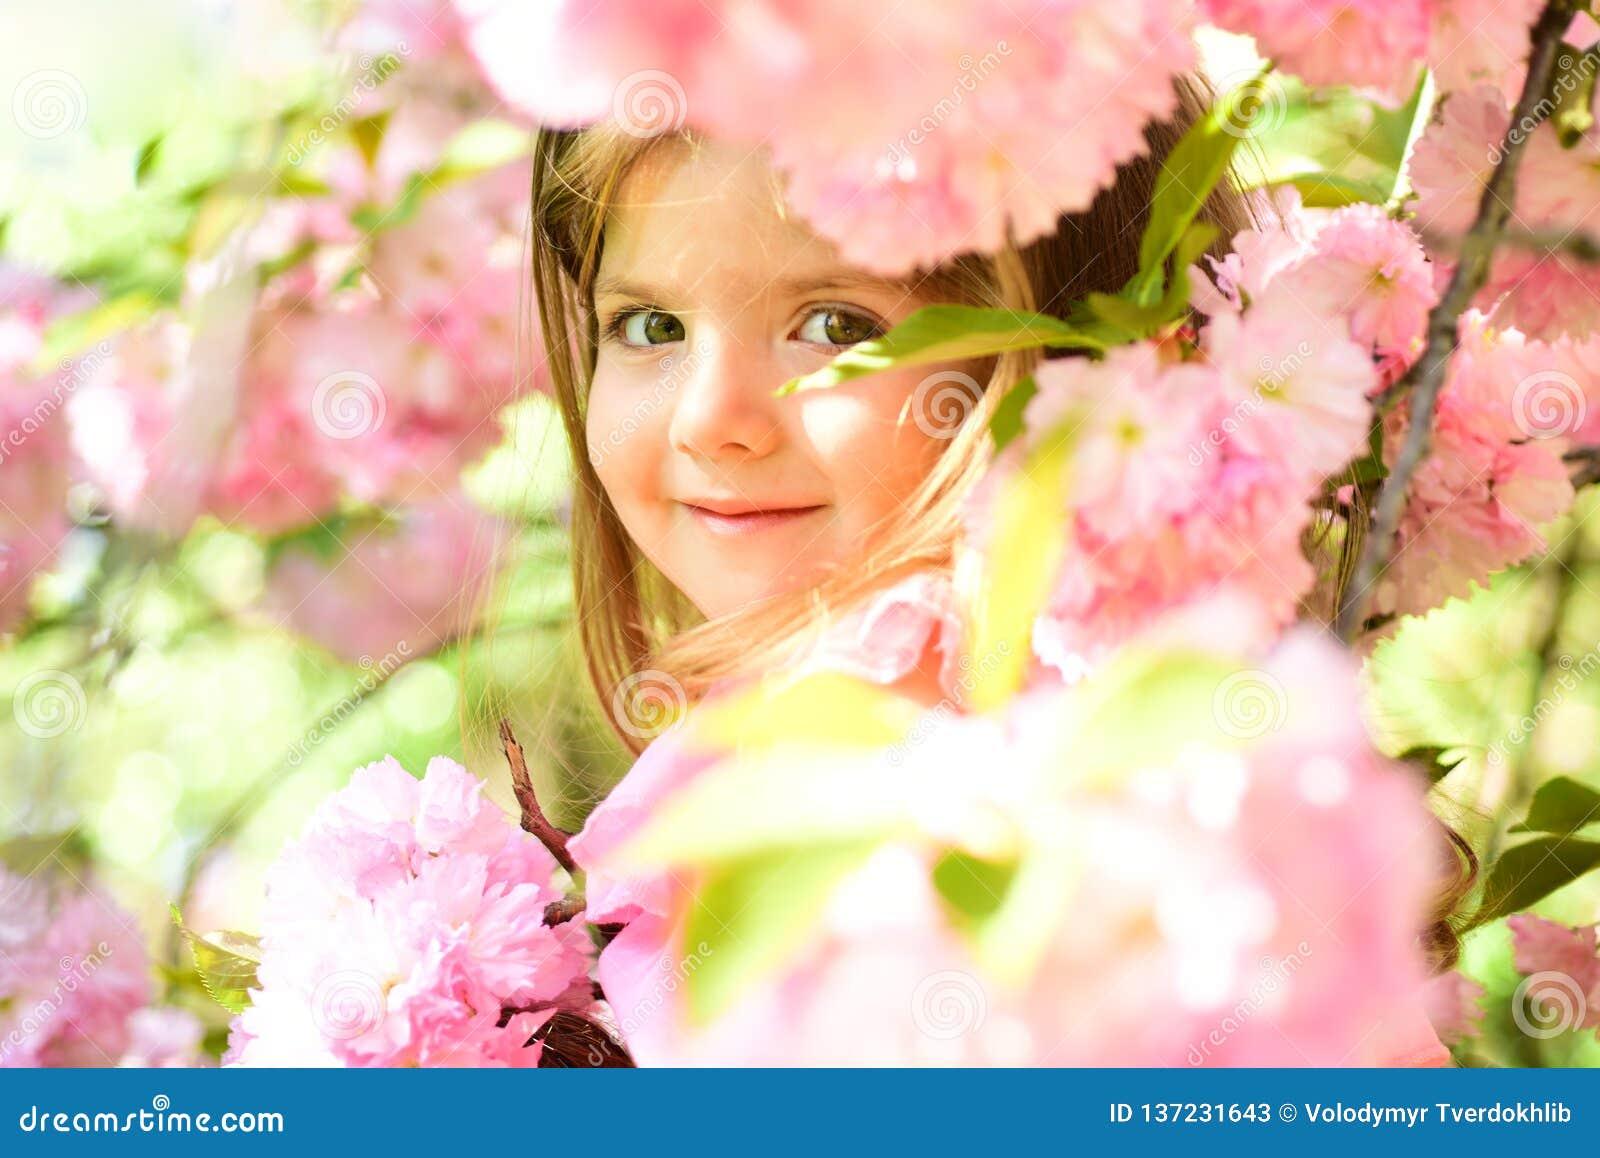 Petit enfant Beauté normale Le jour des enfants printemps mode de fille d été de prévisions météorologiques Enfance heureux peu